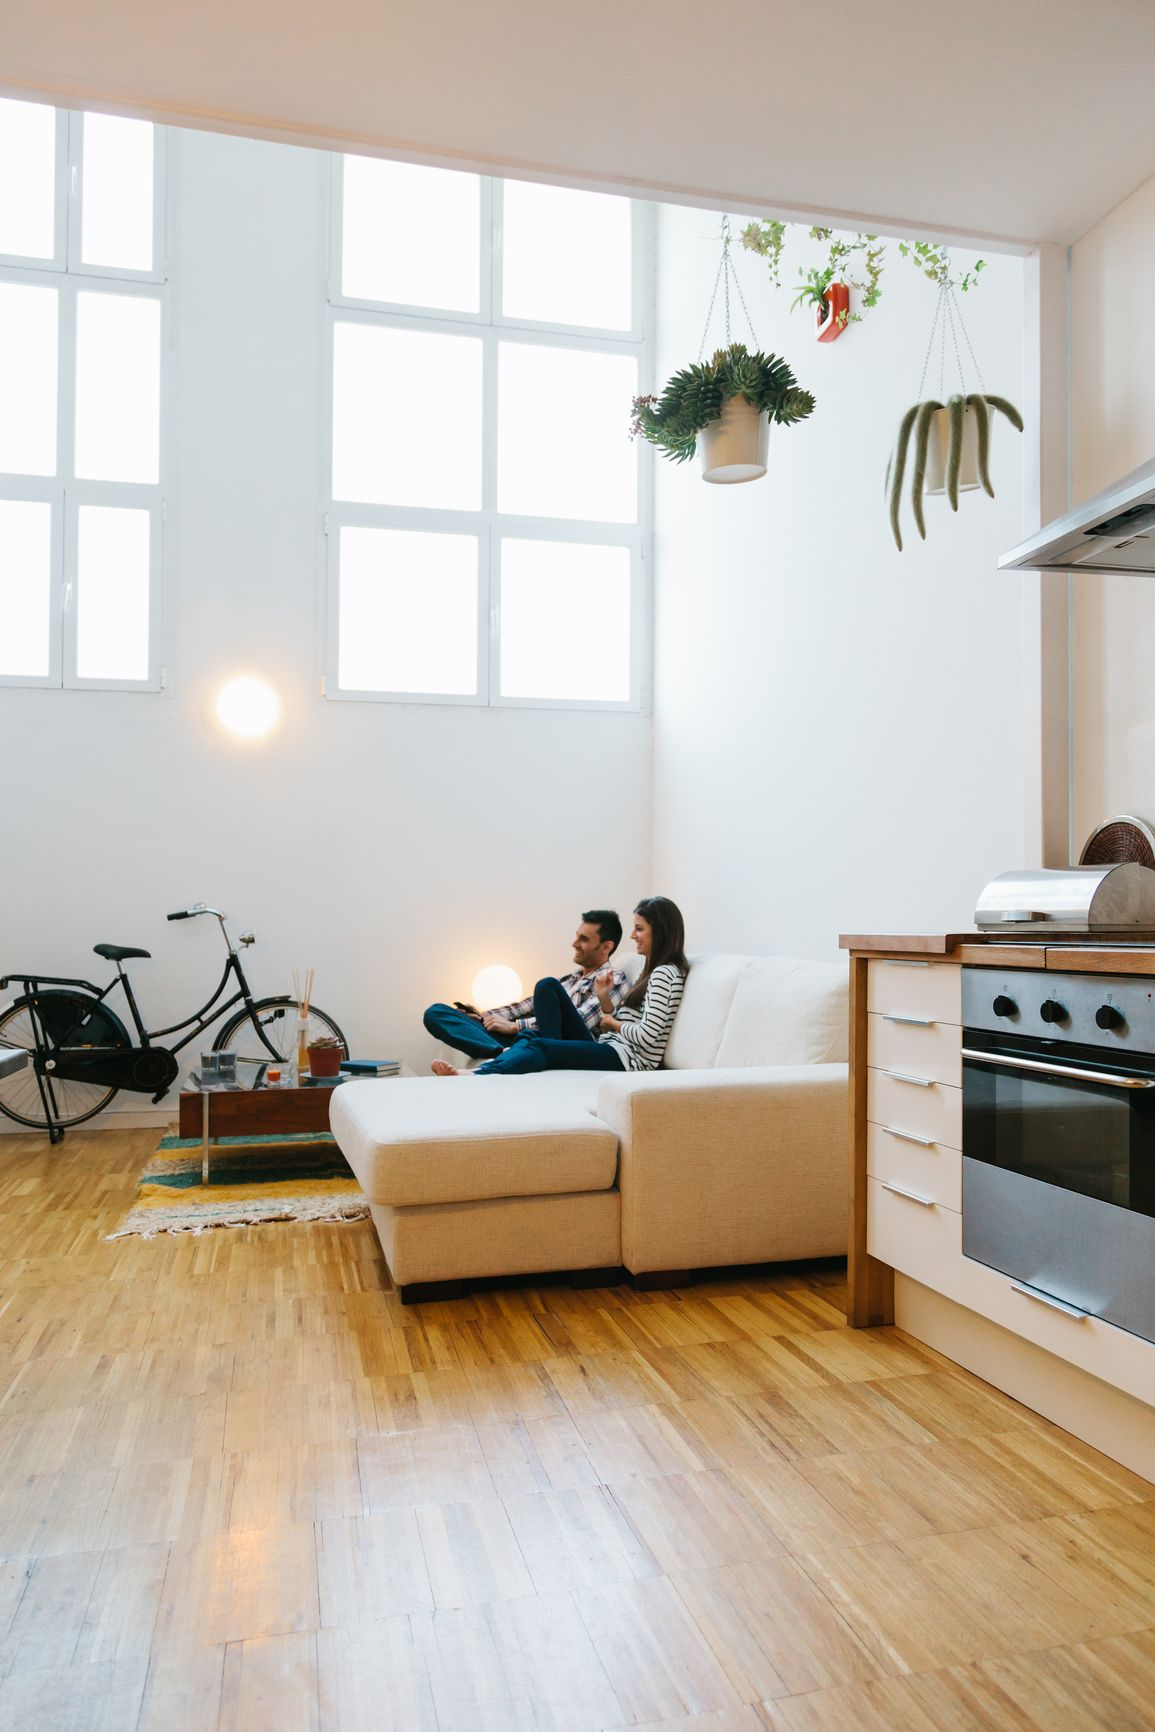 Humidité Dans Une Maison vous ressentez de l'humidité dans la maison ? mesurez le